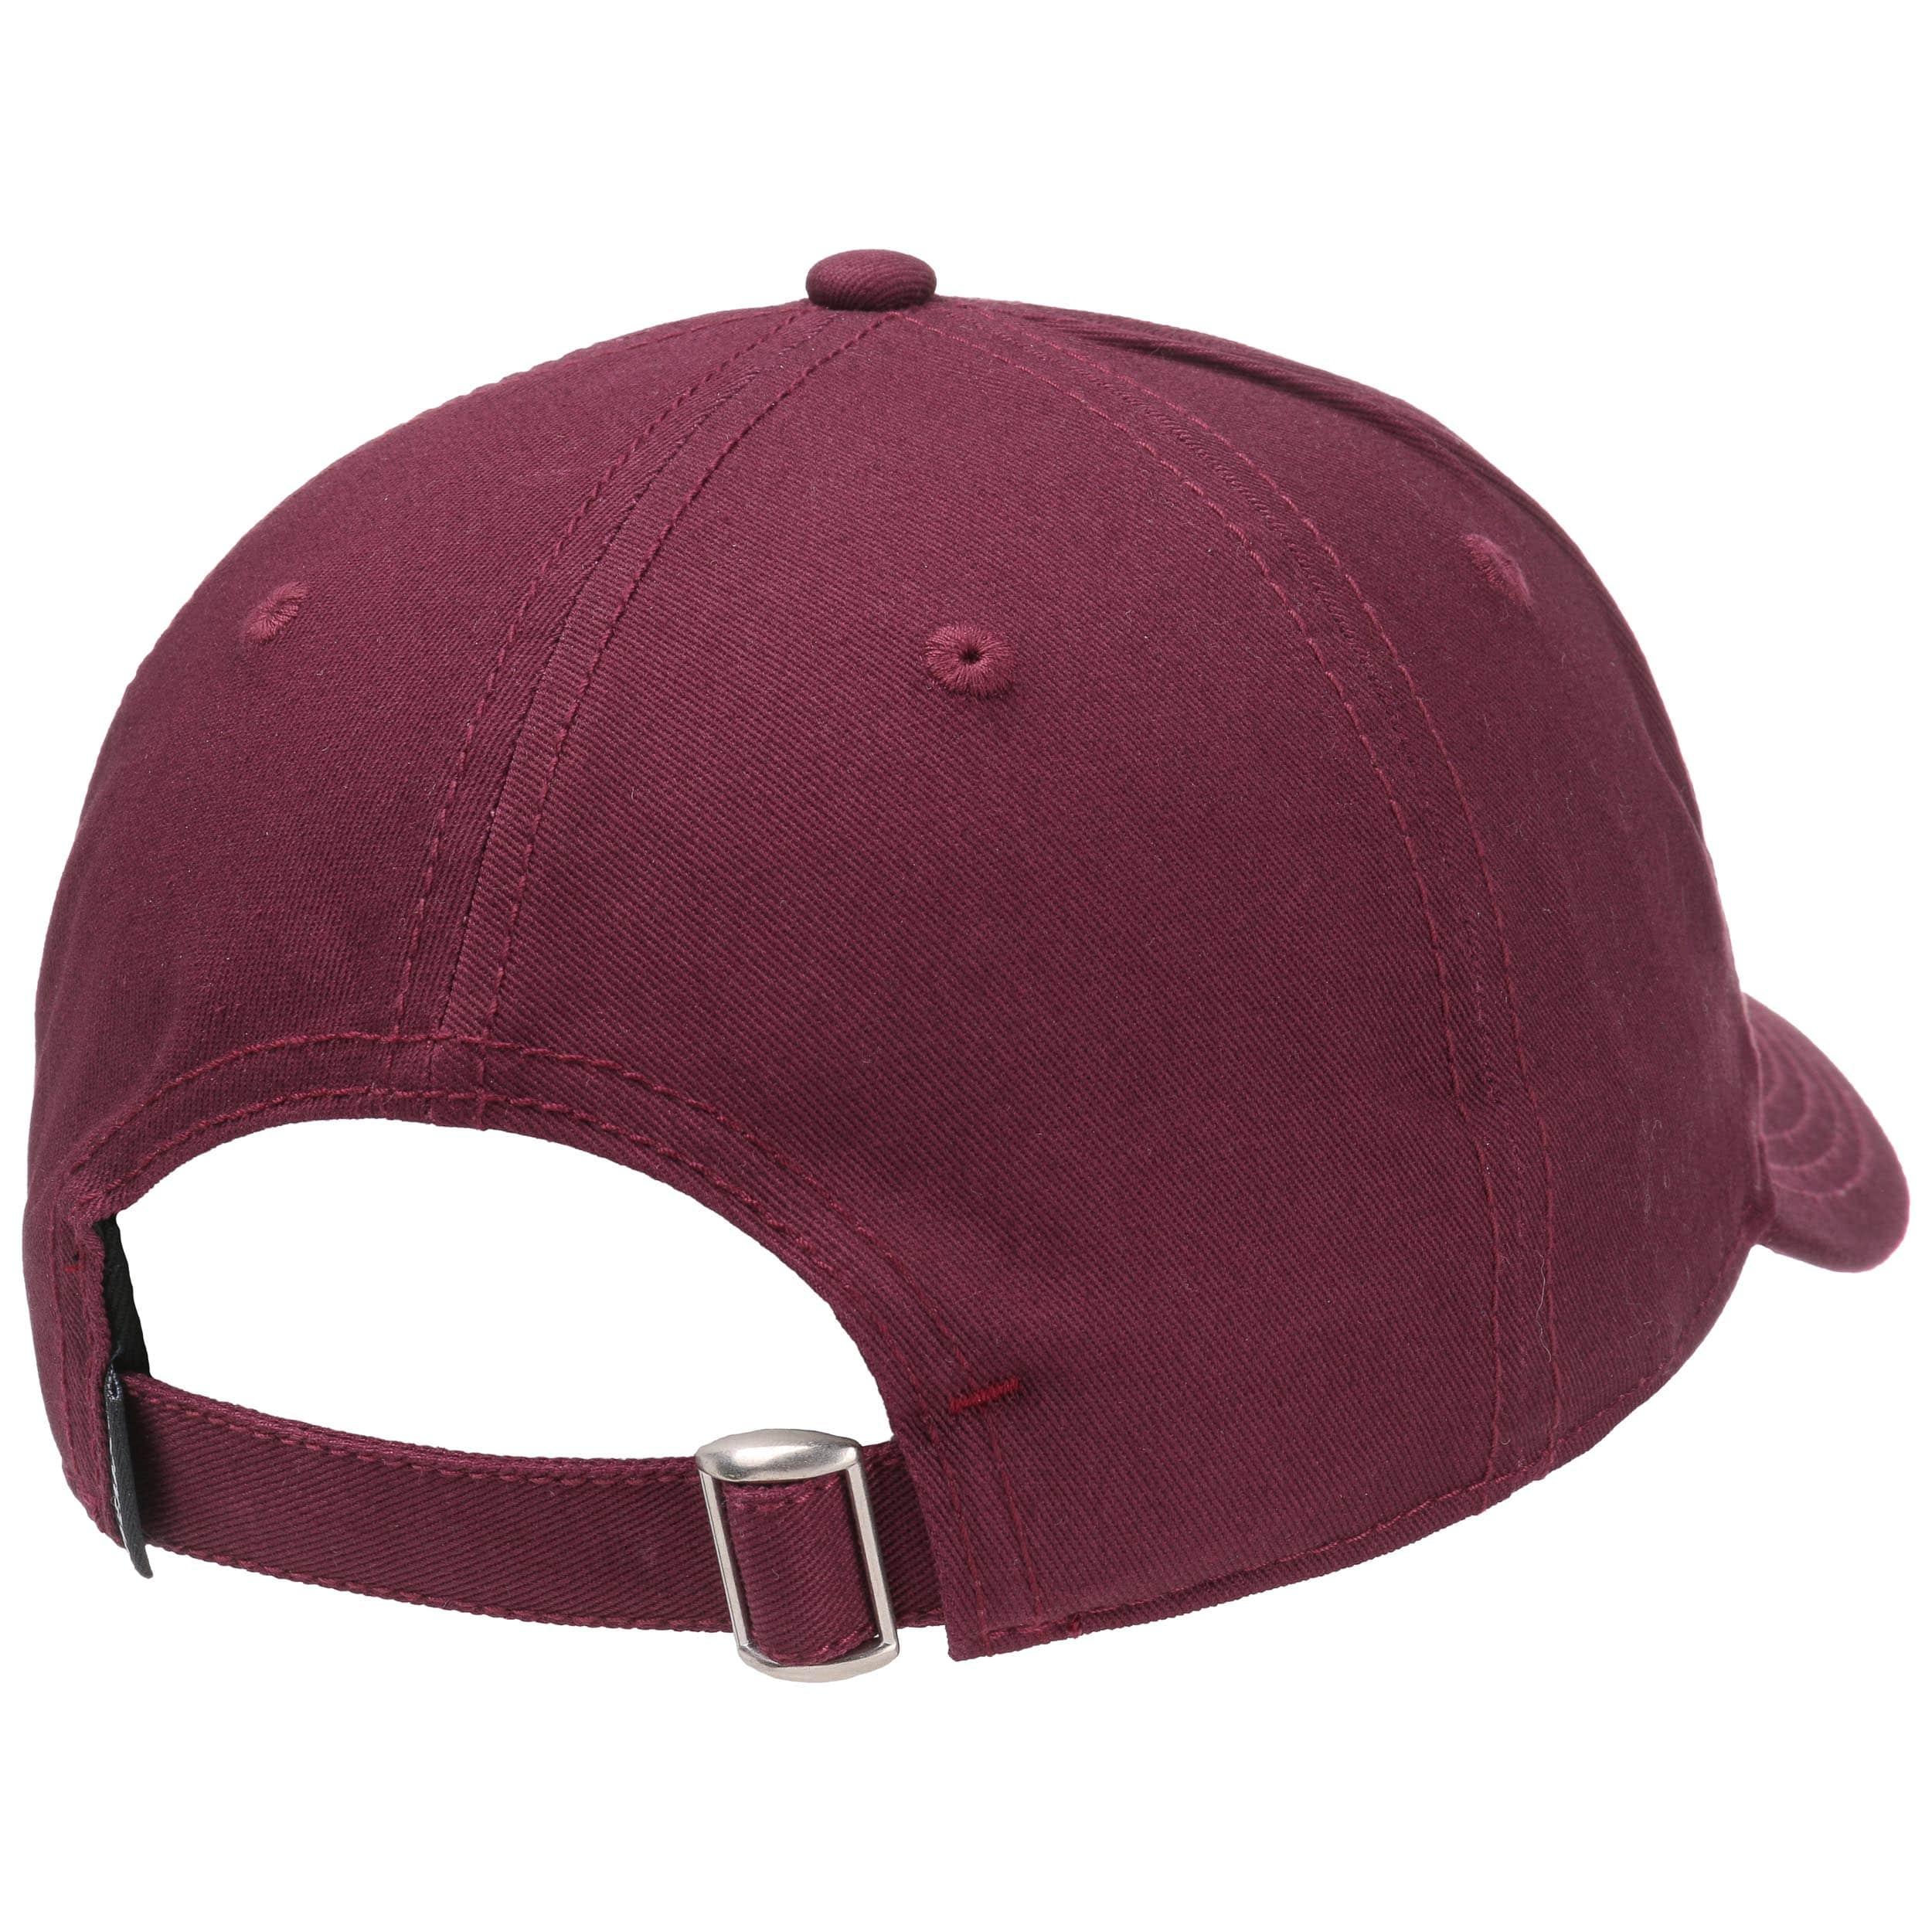 ACCESSORIES - Hats Wemoto r2ckX9w